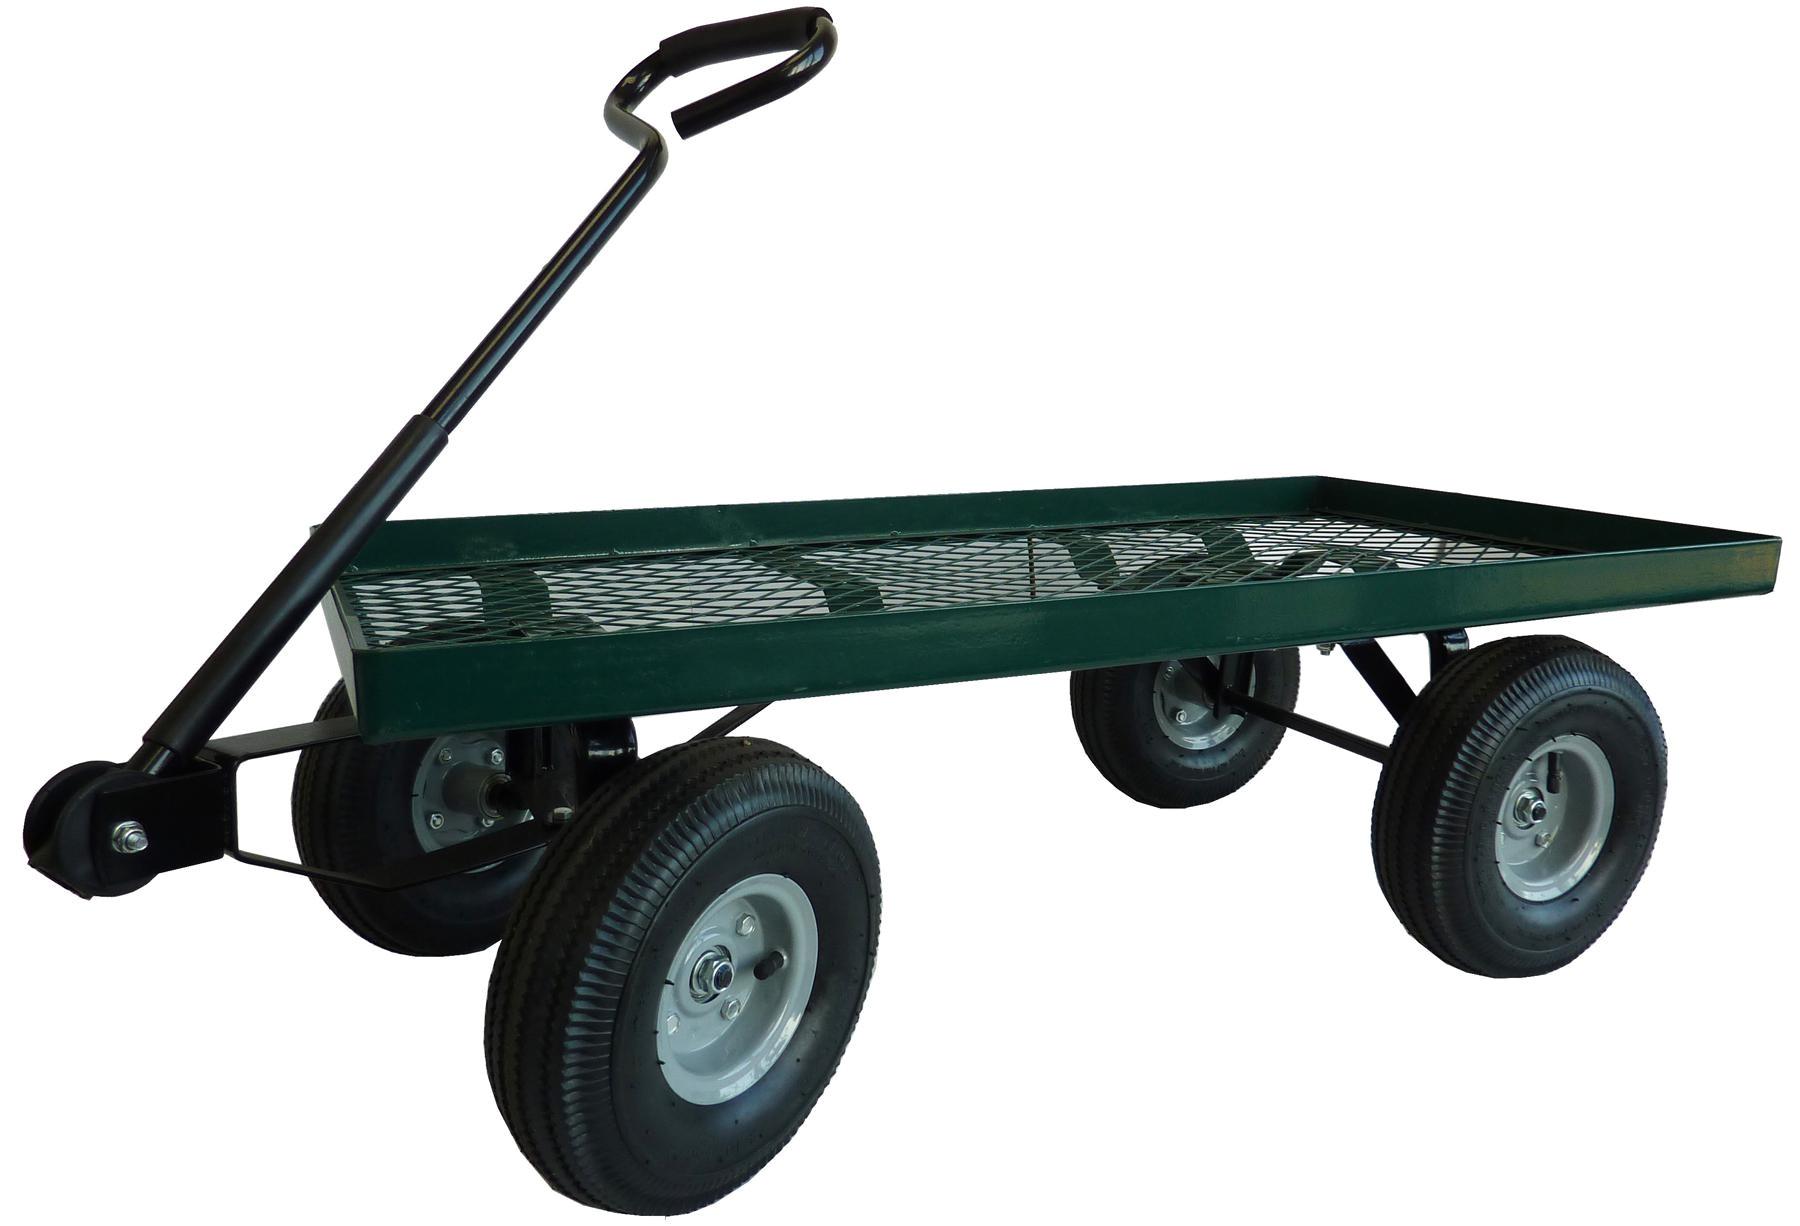 Tractor Supply Garden Cart Tractor Supply Garden Cart the Gardens